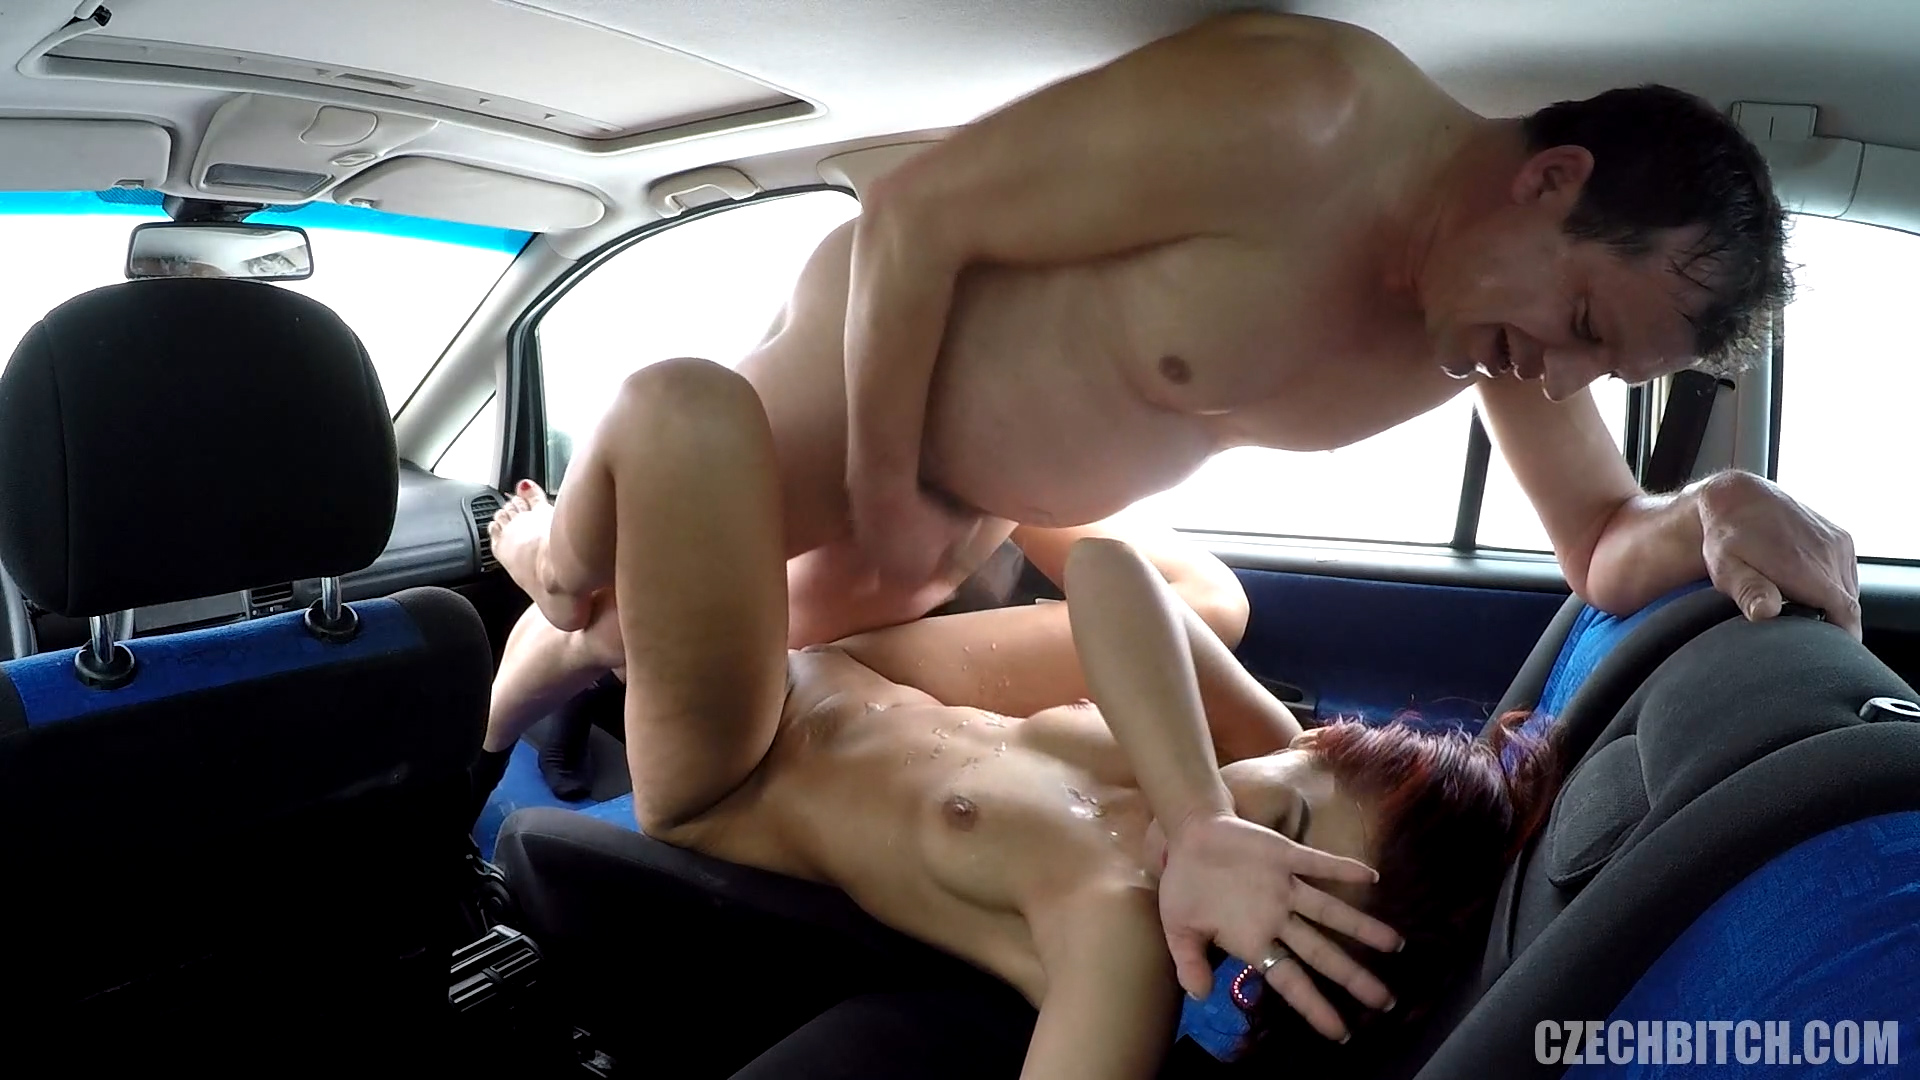 абсолютно правы. массаж вагины девушек посмотрим Браво